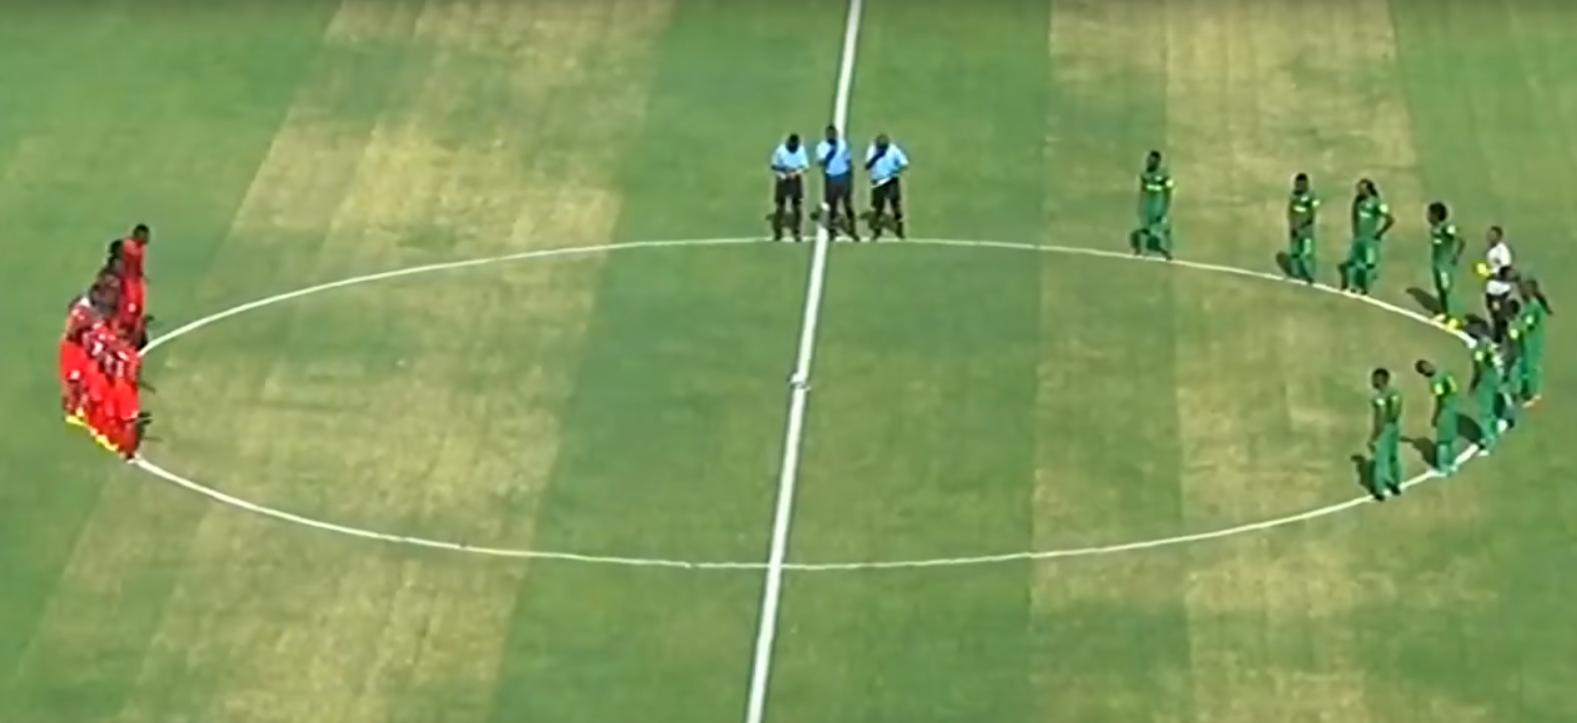 O dérbi de Dar es Salaam, que acabou com vitória de 2x1 do Simba SC sobre o Young Africans SC (Foto: Reprodução/Youtube)